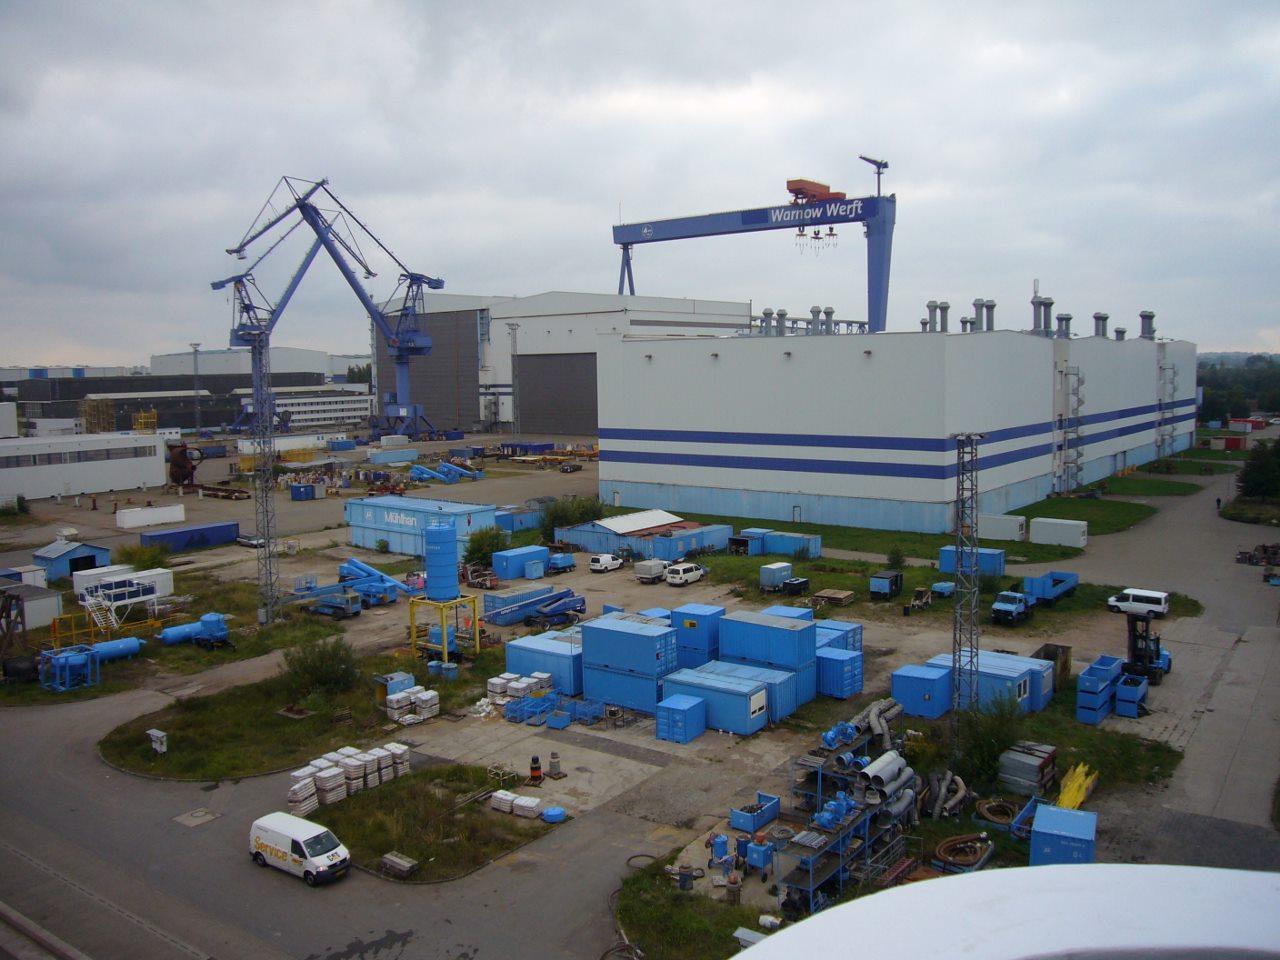 Branchen-Portal Special-Trading-Baltic mit der Rubrik Industrie und den Kategorien Industrie-Anlagenbau, Industrie-Maschinenbau, Industrie-Schiffbau, Industrie-Schiffbau-Zulieferer,